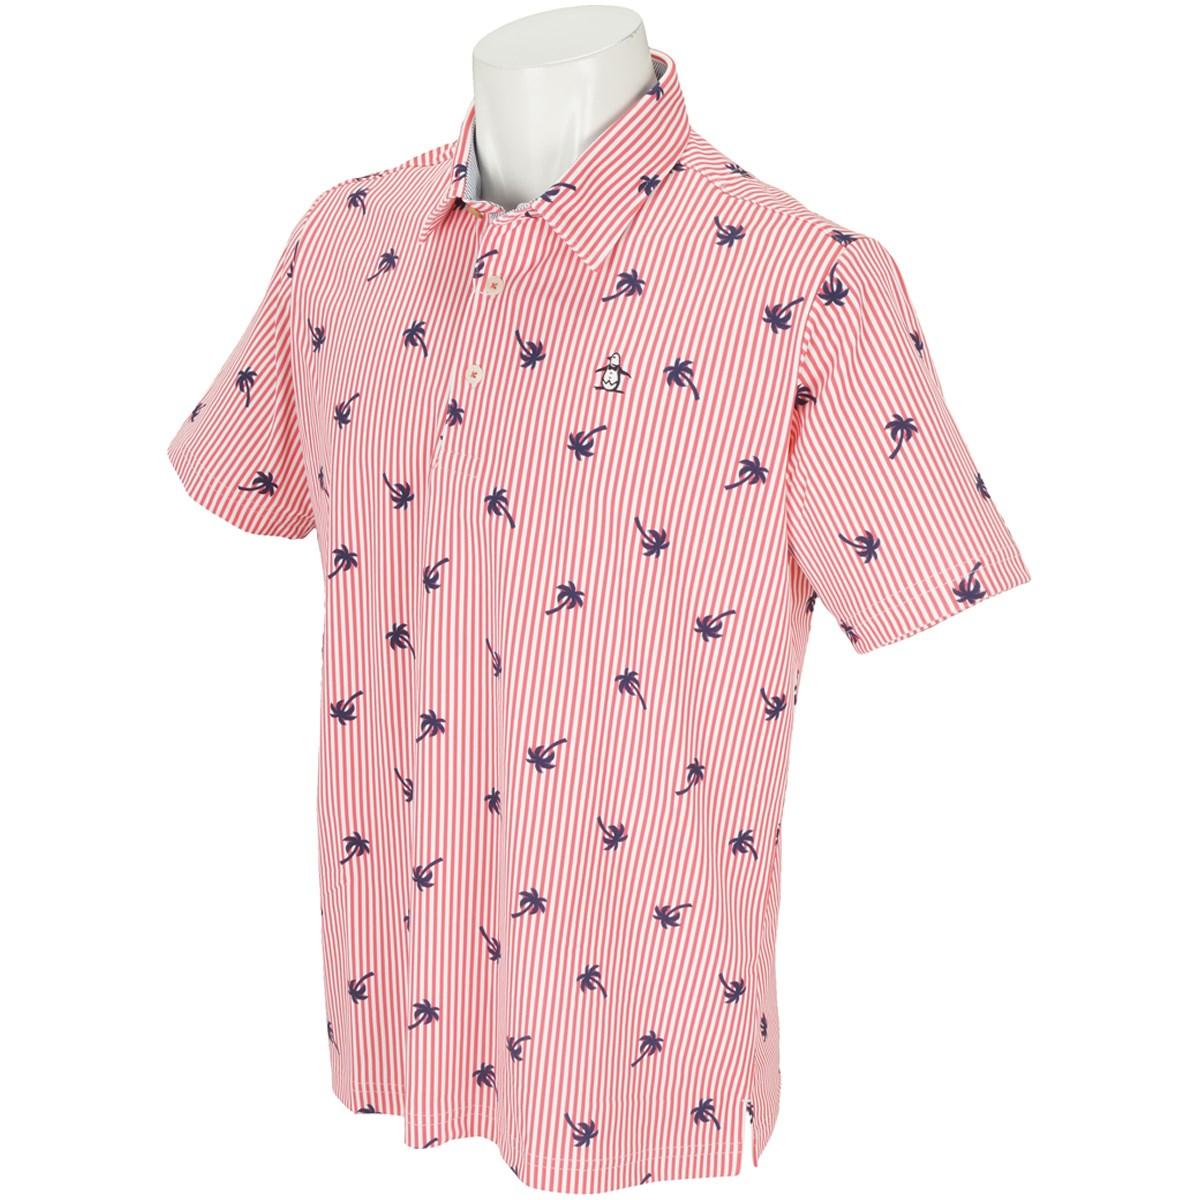 マンシングウェア 半袖ニットポロシャツ